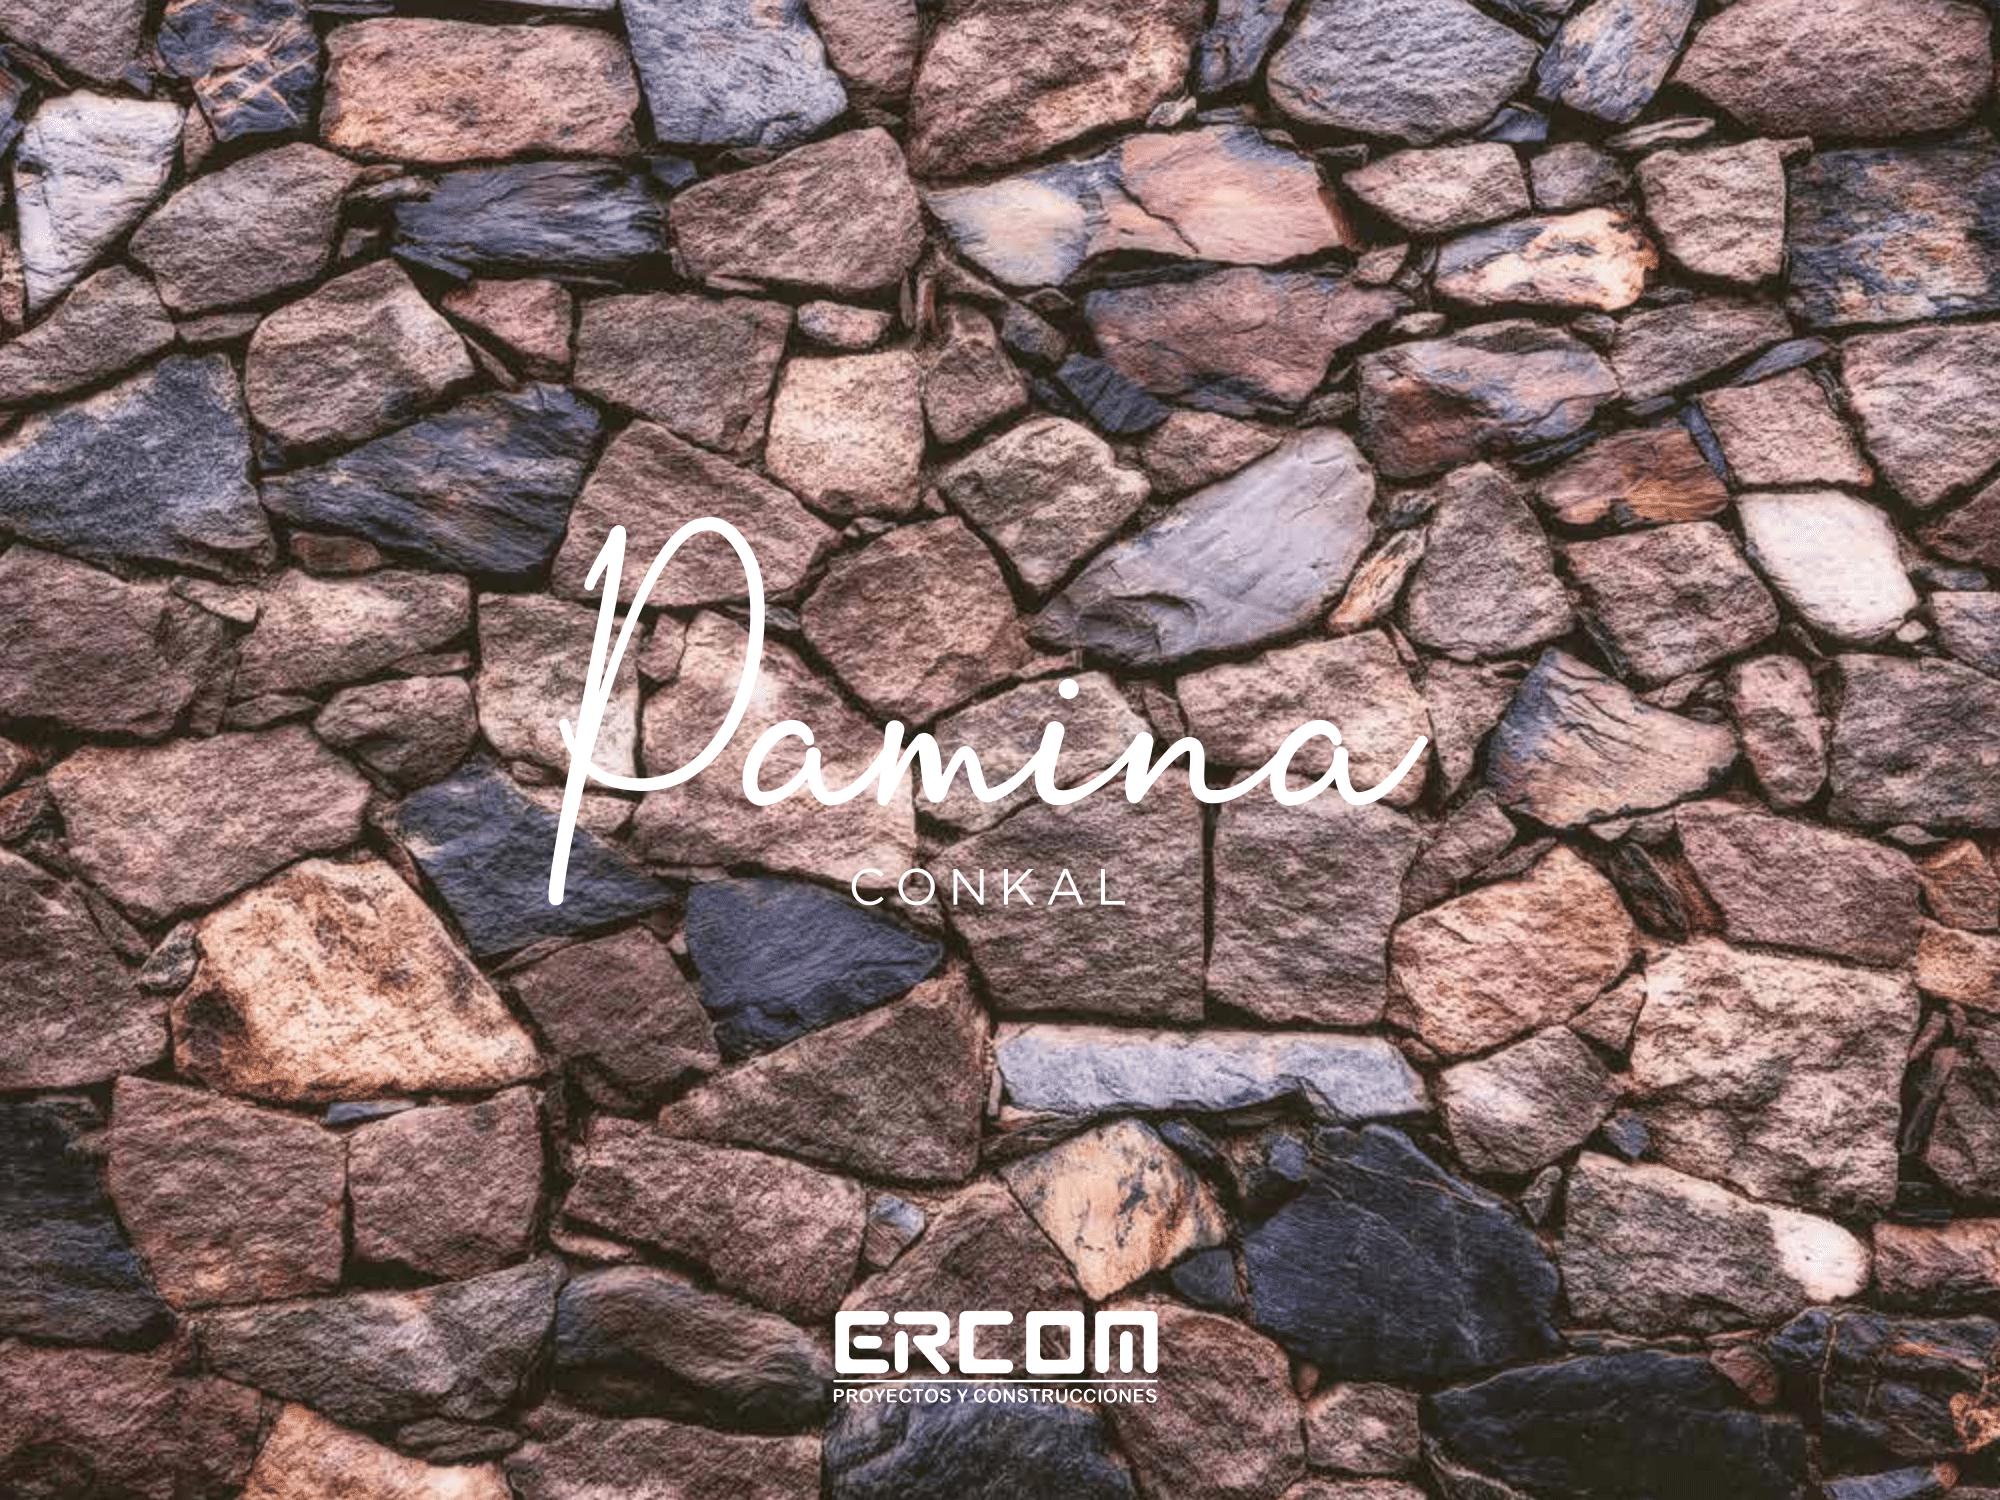 PAMINA (Conkal)